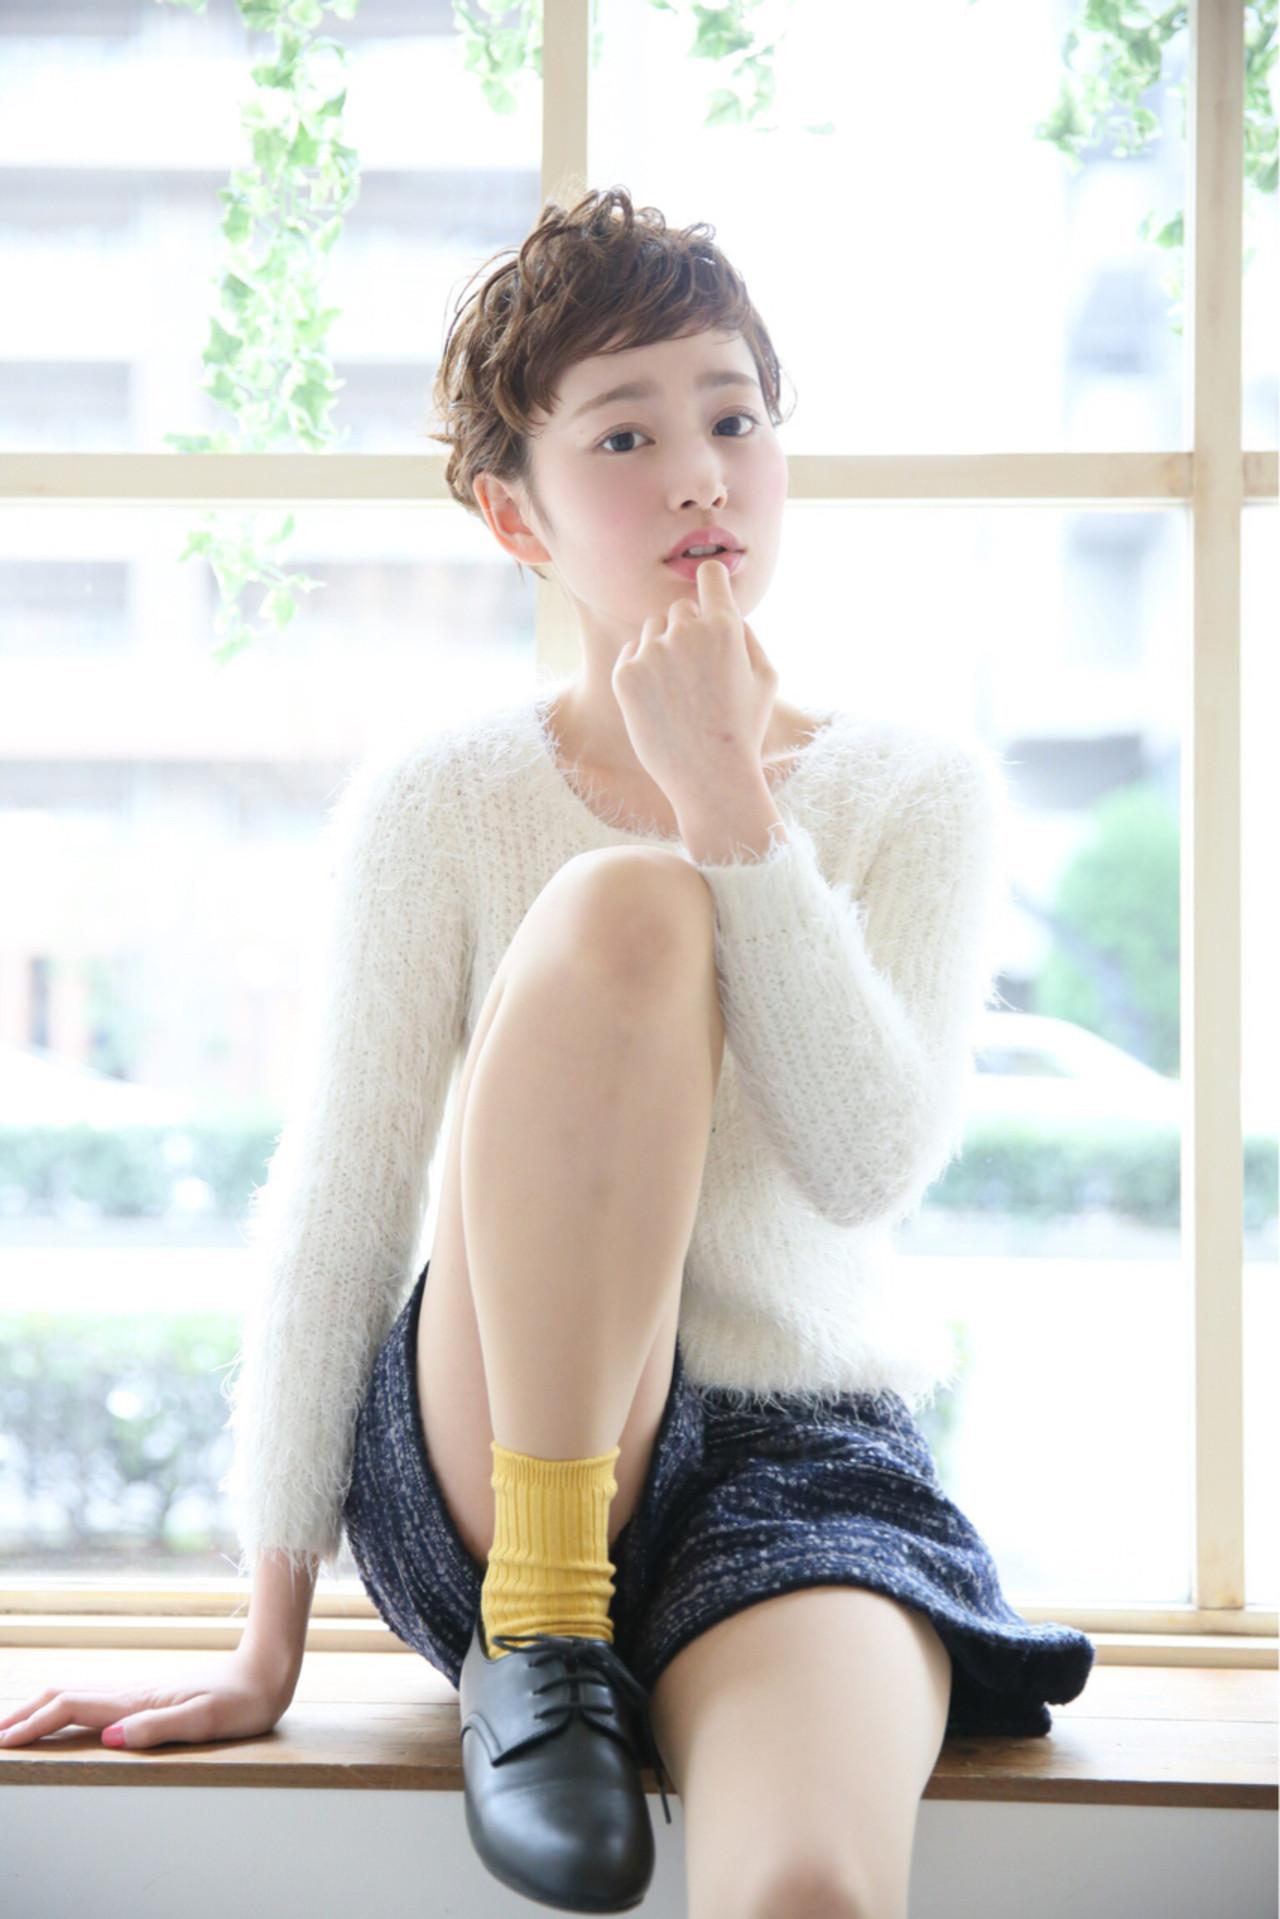 ストリート ベリーショート パーマ 大人かわいい ヘアスタイルや髪型の写真・画像 | 柾木 ひかる / Madu